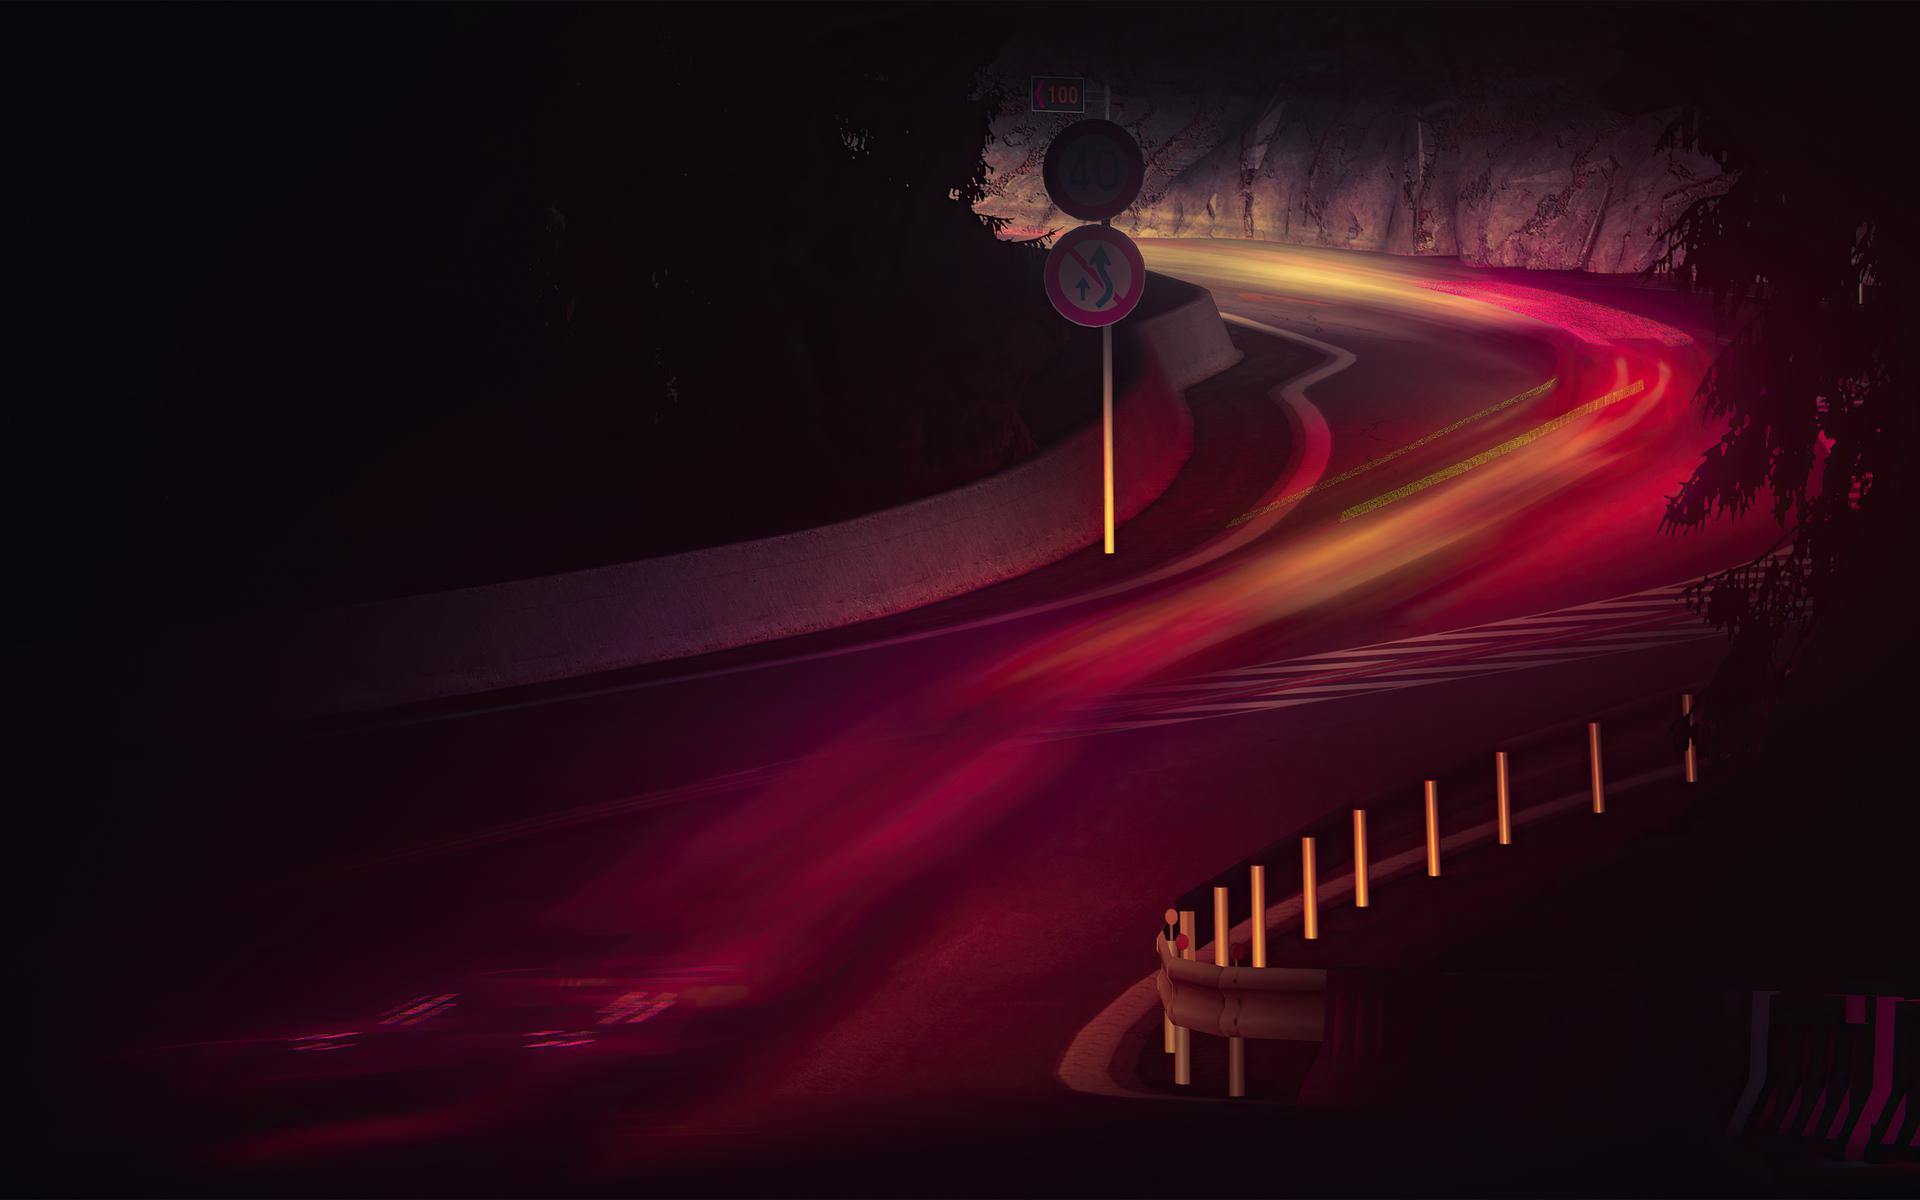 road-long-exposure-lights-5k-7j.jpg